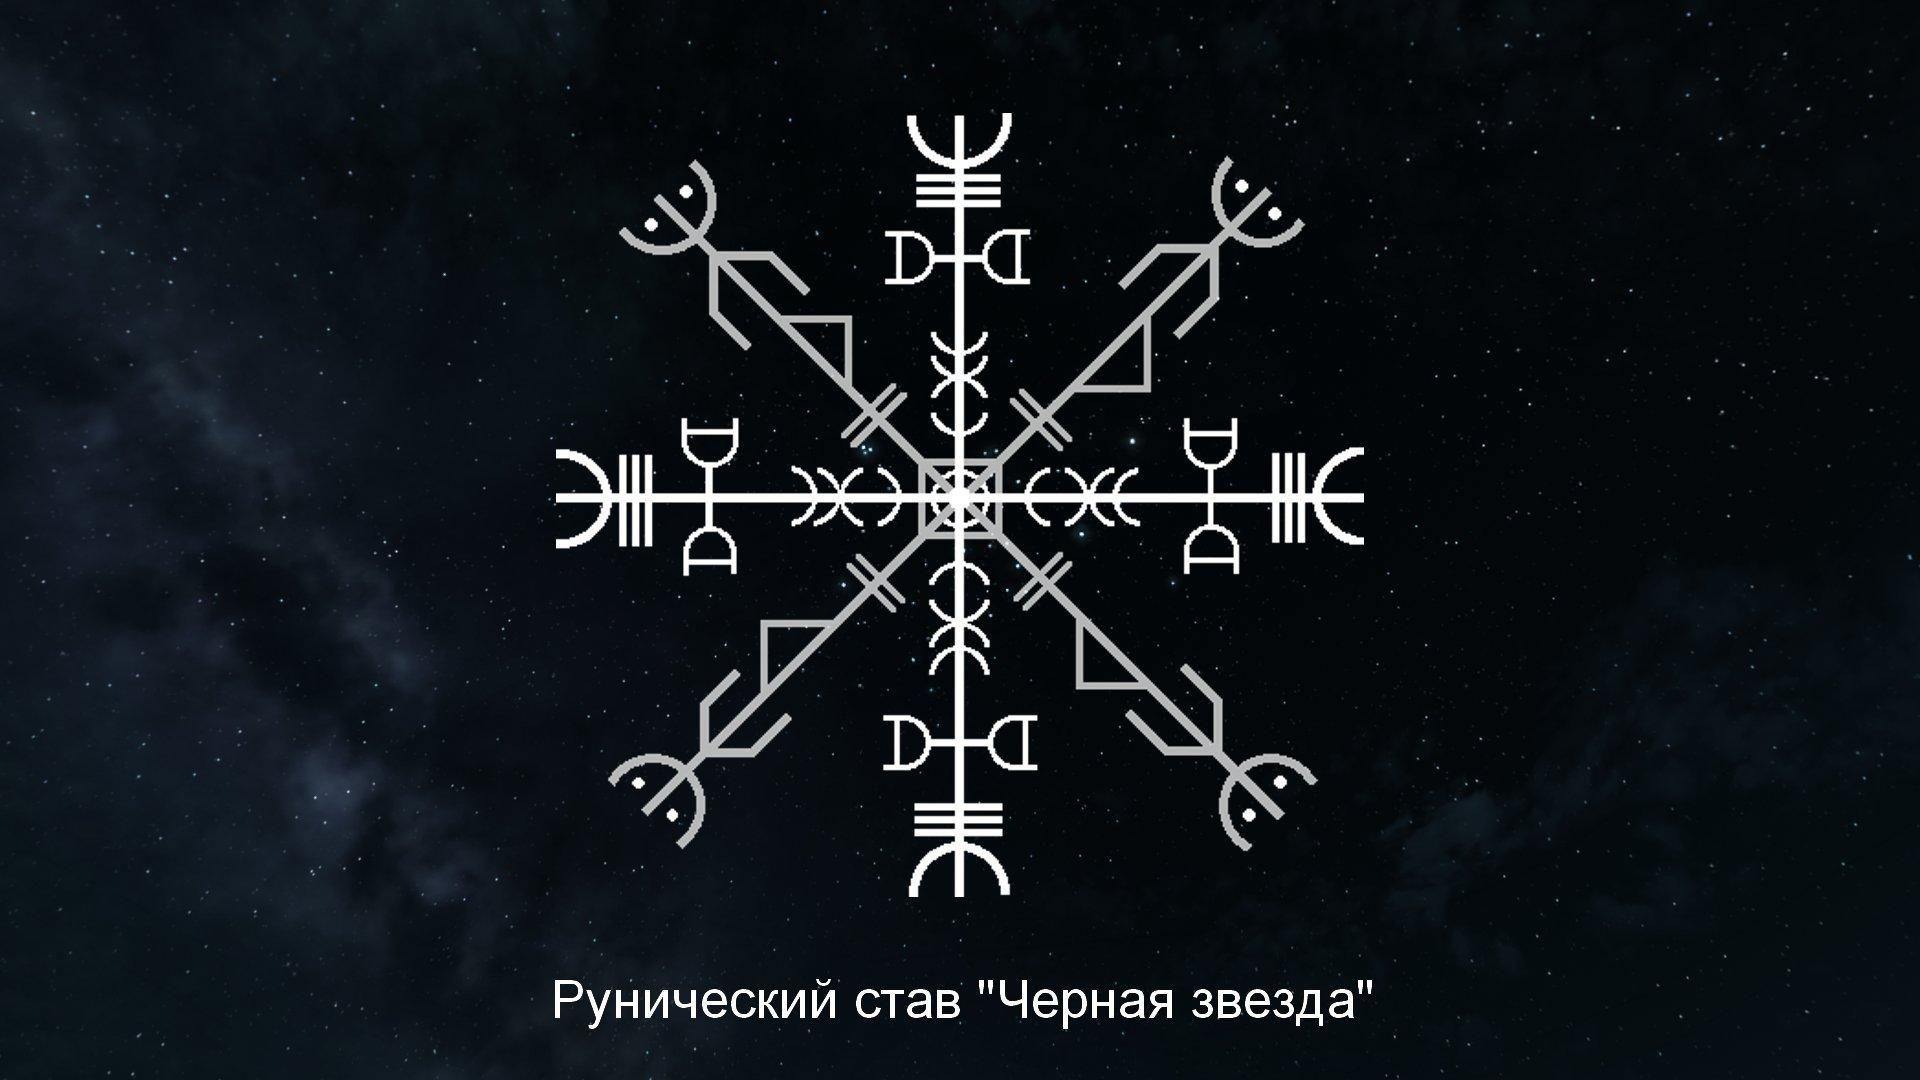 Рунический став Черная звезда